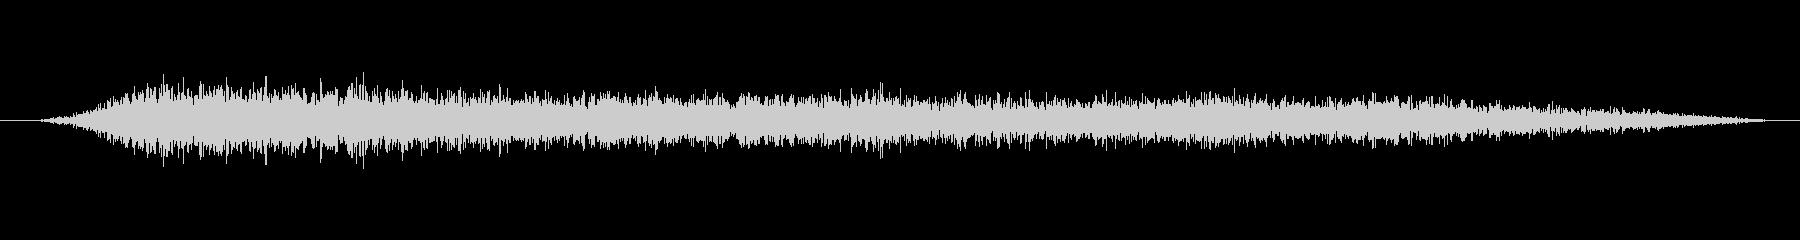 緊張 デーモン合唱団クラスターダウン03の未再生の波形